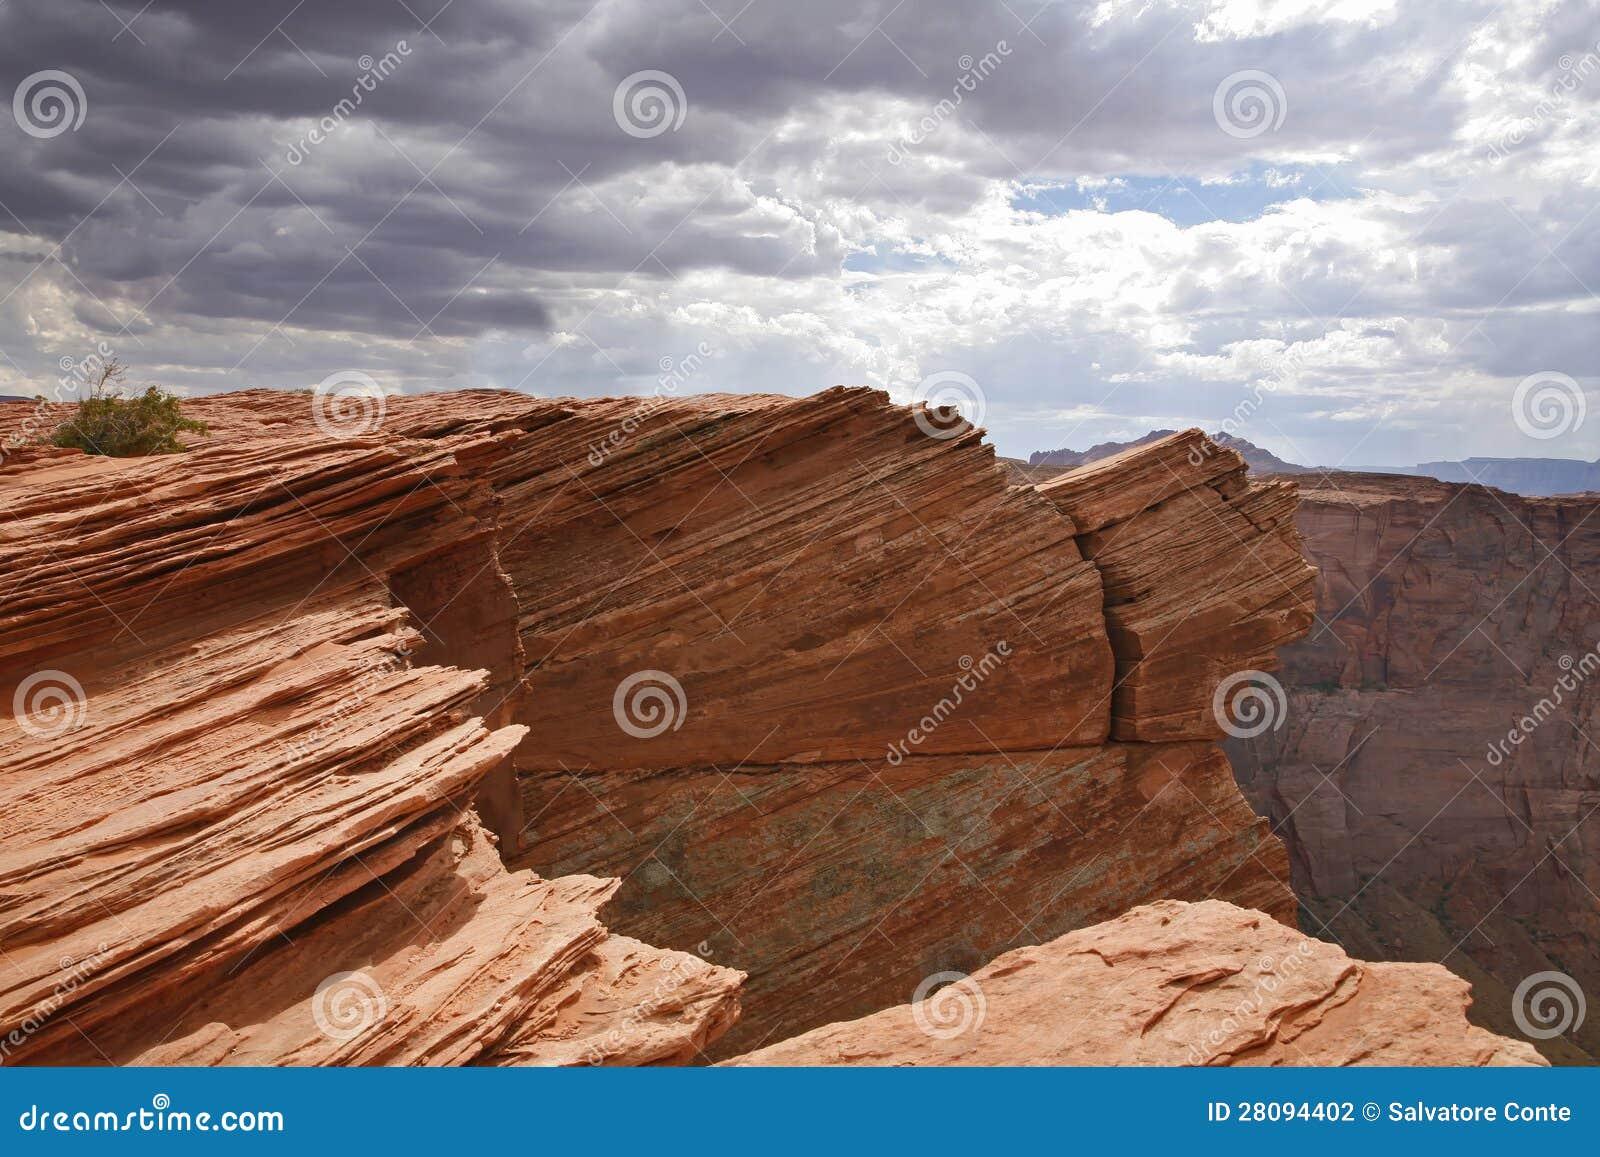 Deserto rosso e cielo nuvoloso, pagina - Arizona